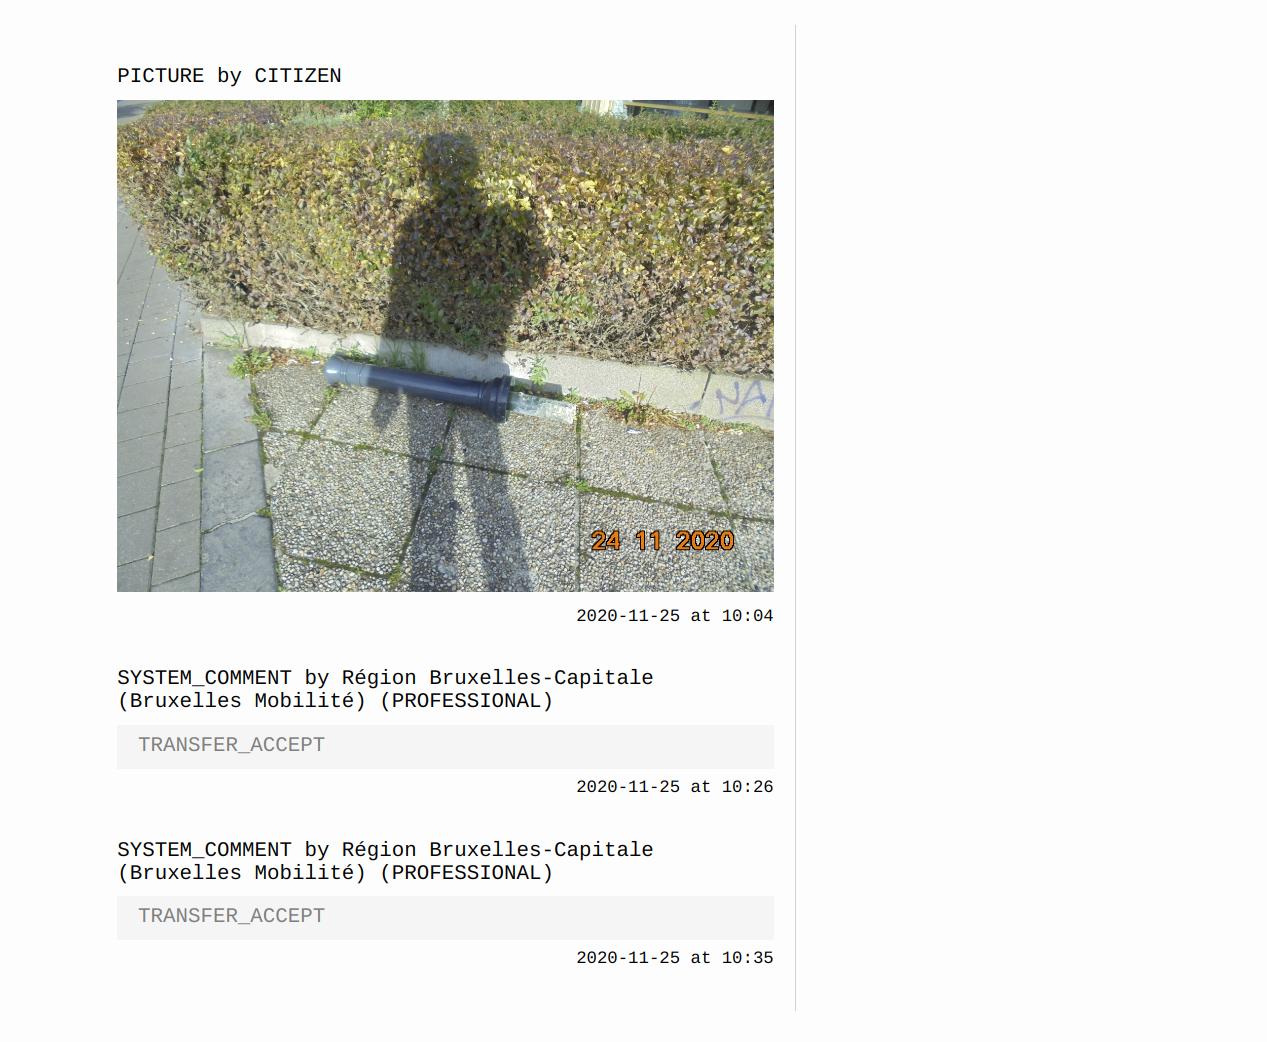 iceberg/screenshots/CITIZEN.png